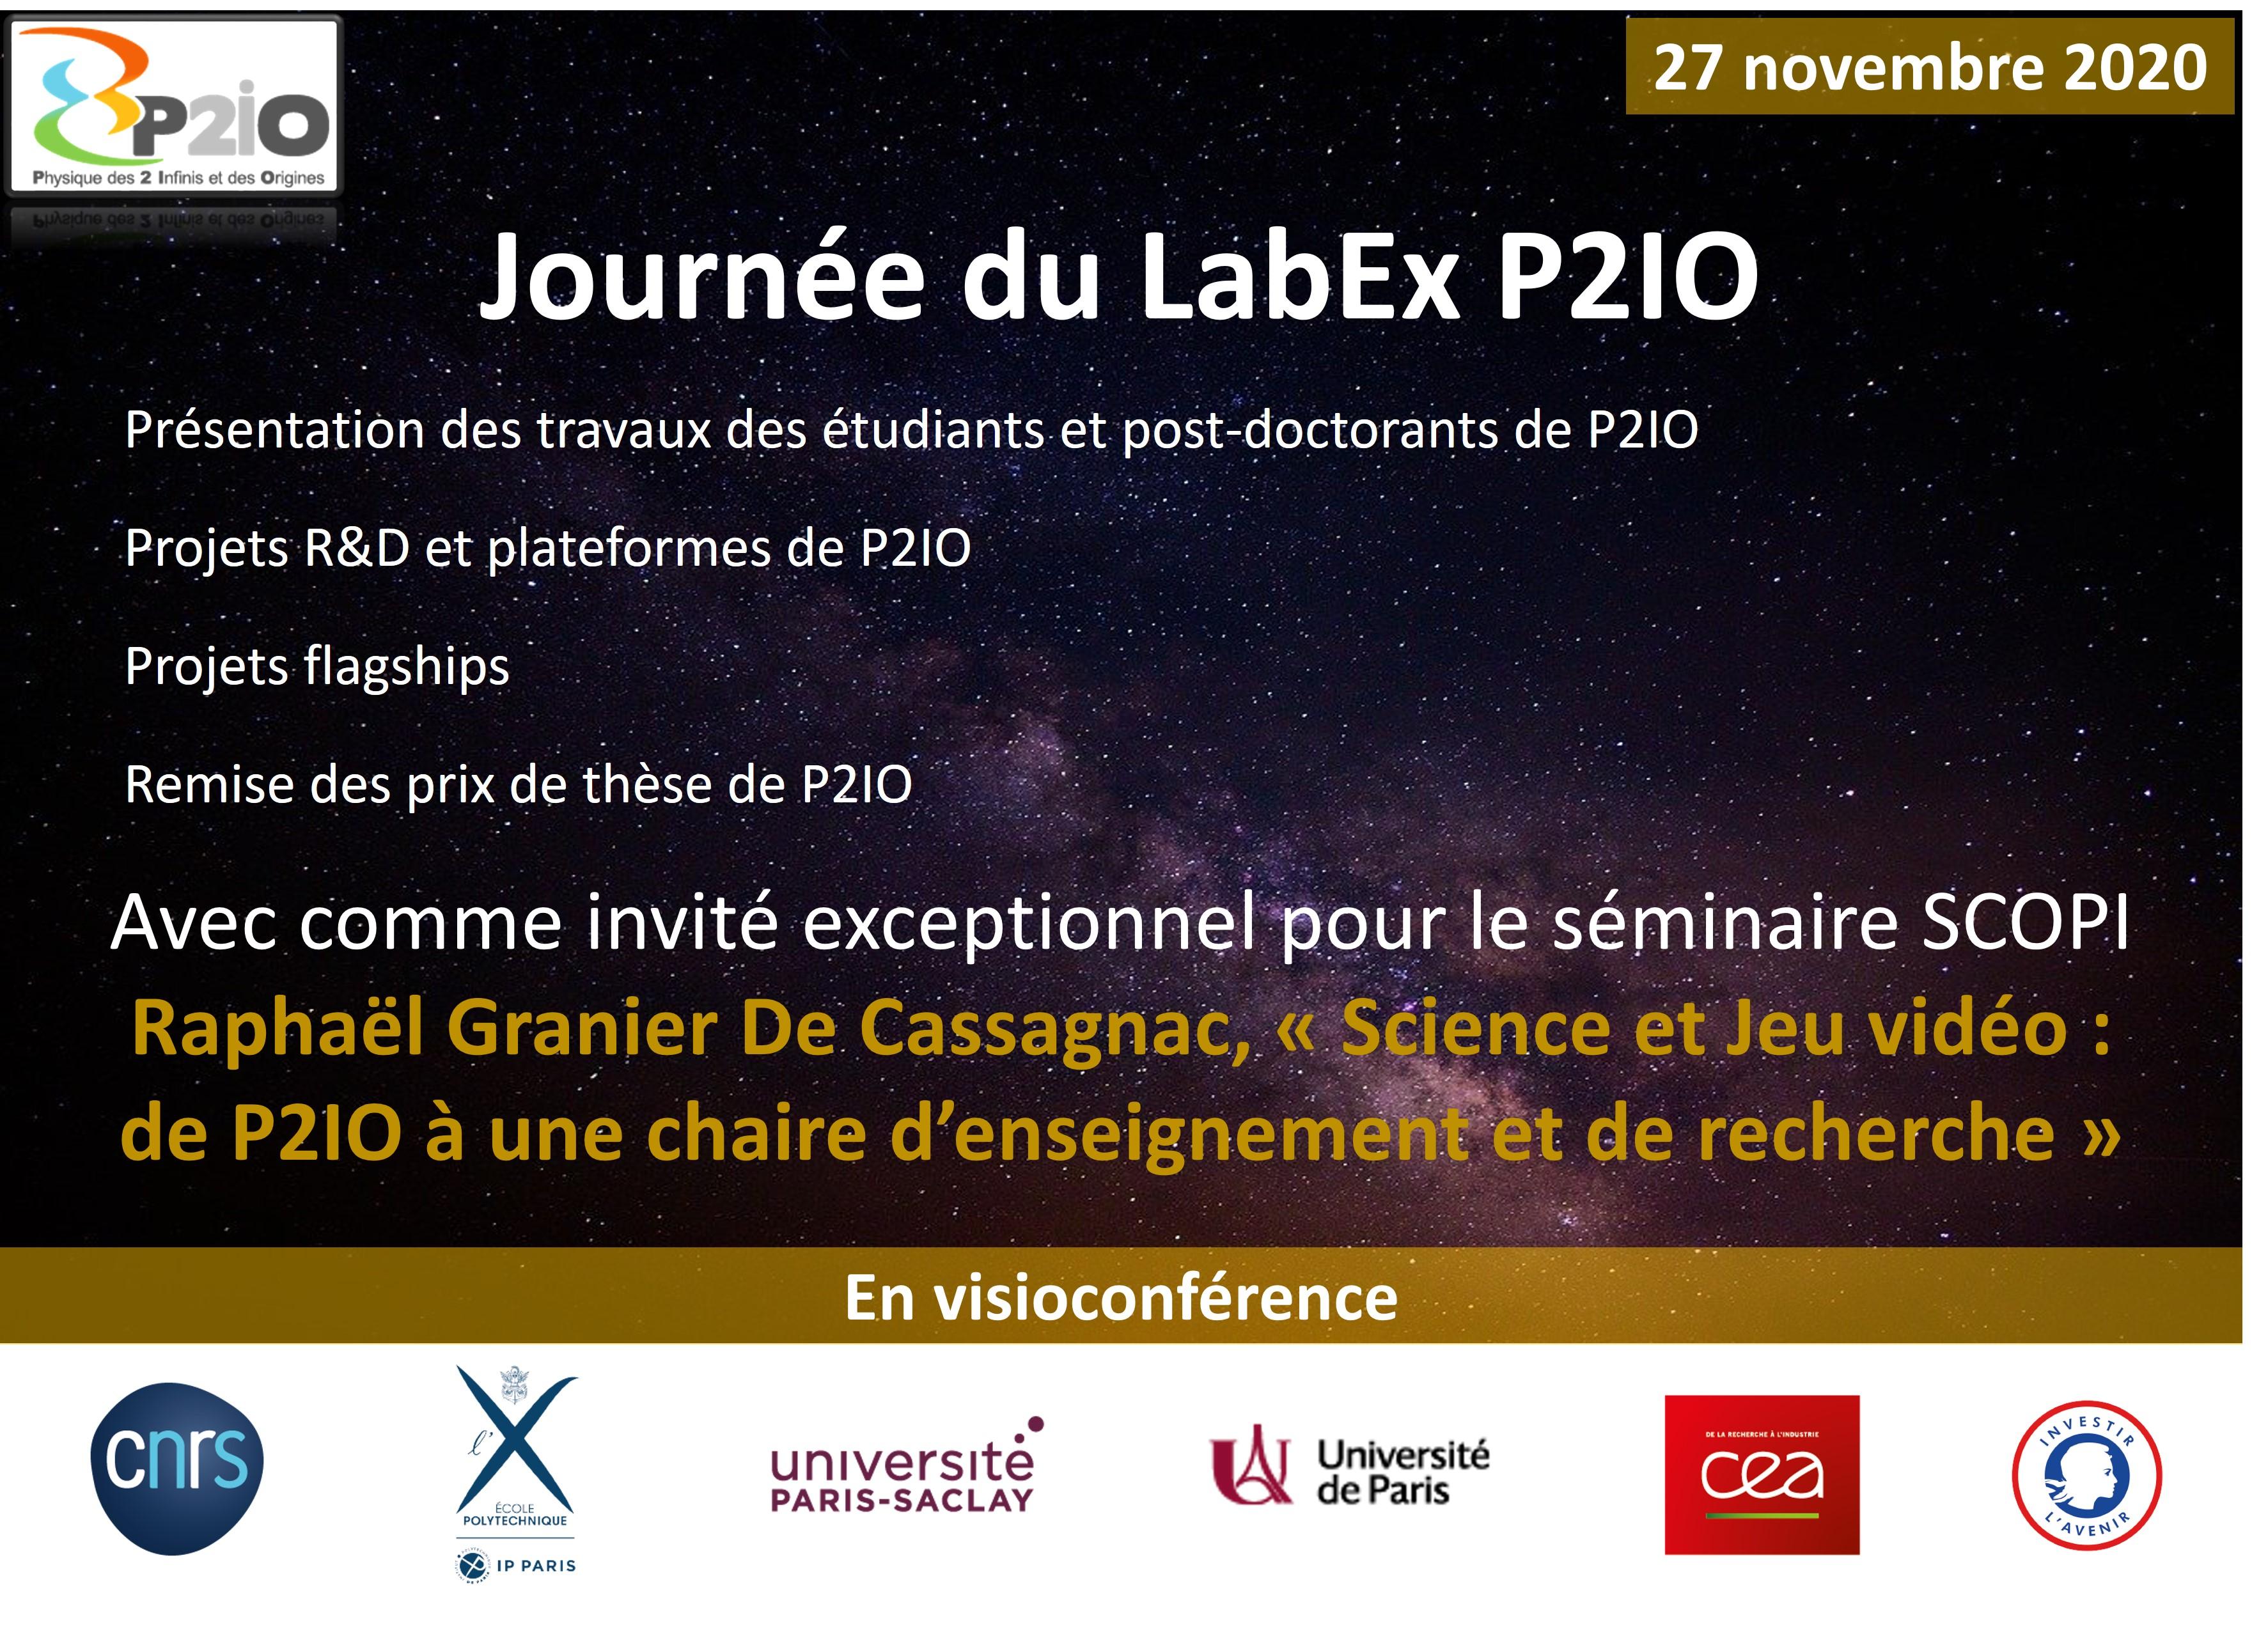 Journée du LabEx P2IO vendredi 27 novembre 2020: inscrivez-vous